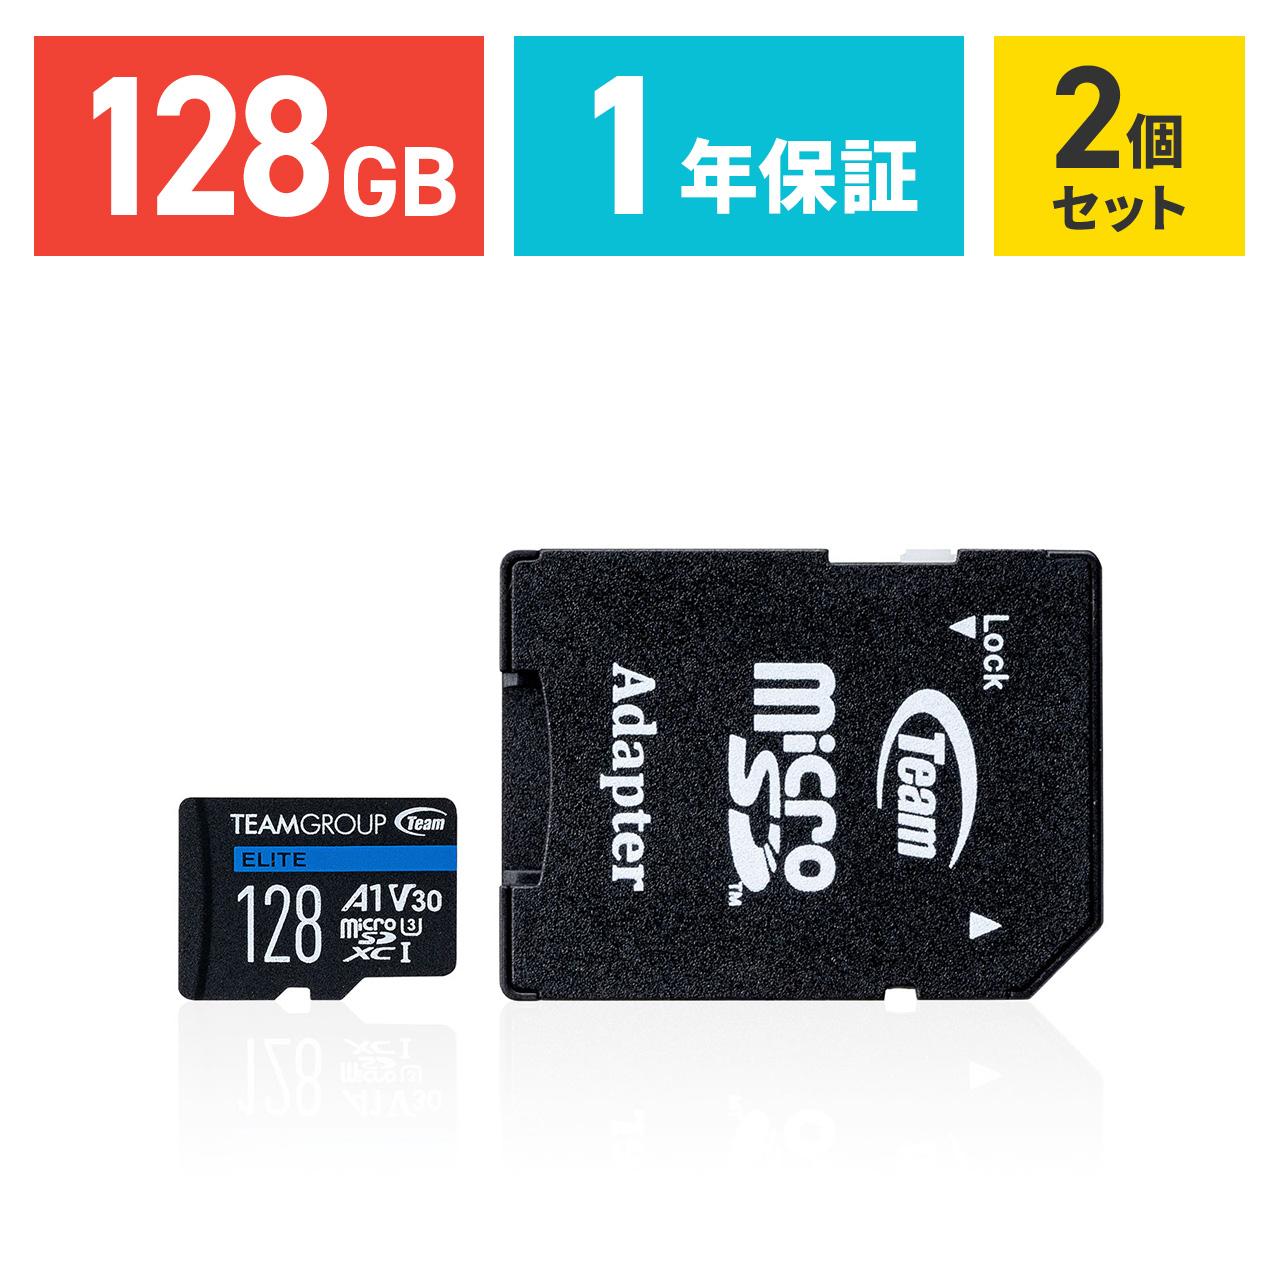 600-MCSD128G--2 サンワダイレクト限定品 ネコポス対応 送料無料 まとめ割 2個セット microSDカード 128GB 人気の定番 Class10 UHS-I対応 microSDXC s 最大転送速度80MB SD 高速データ転送 捧呈 マイクロSD クラス10 スマホ SDカード変換アダプタ付き